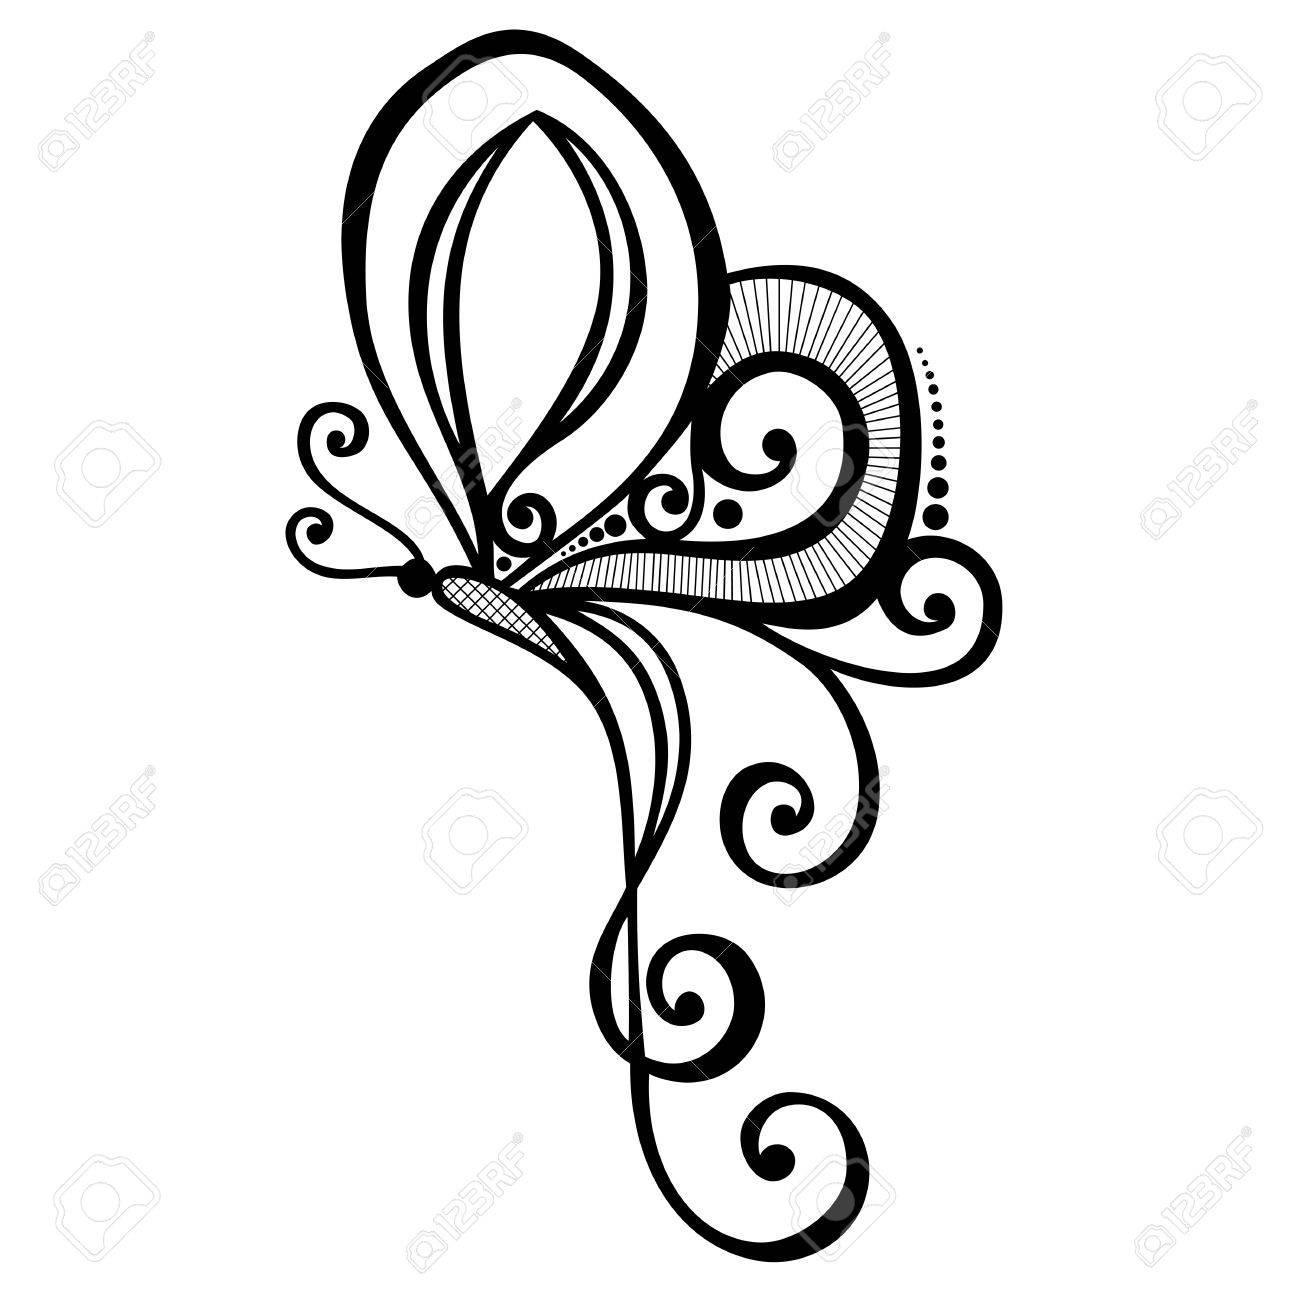 Vector Hermoso De La Mariposa Diseño Exótico Insecto Con Dibujos